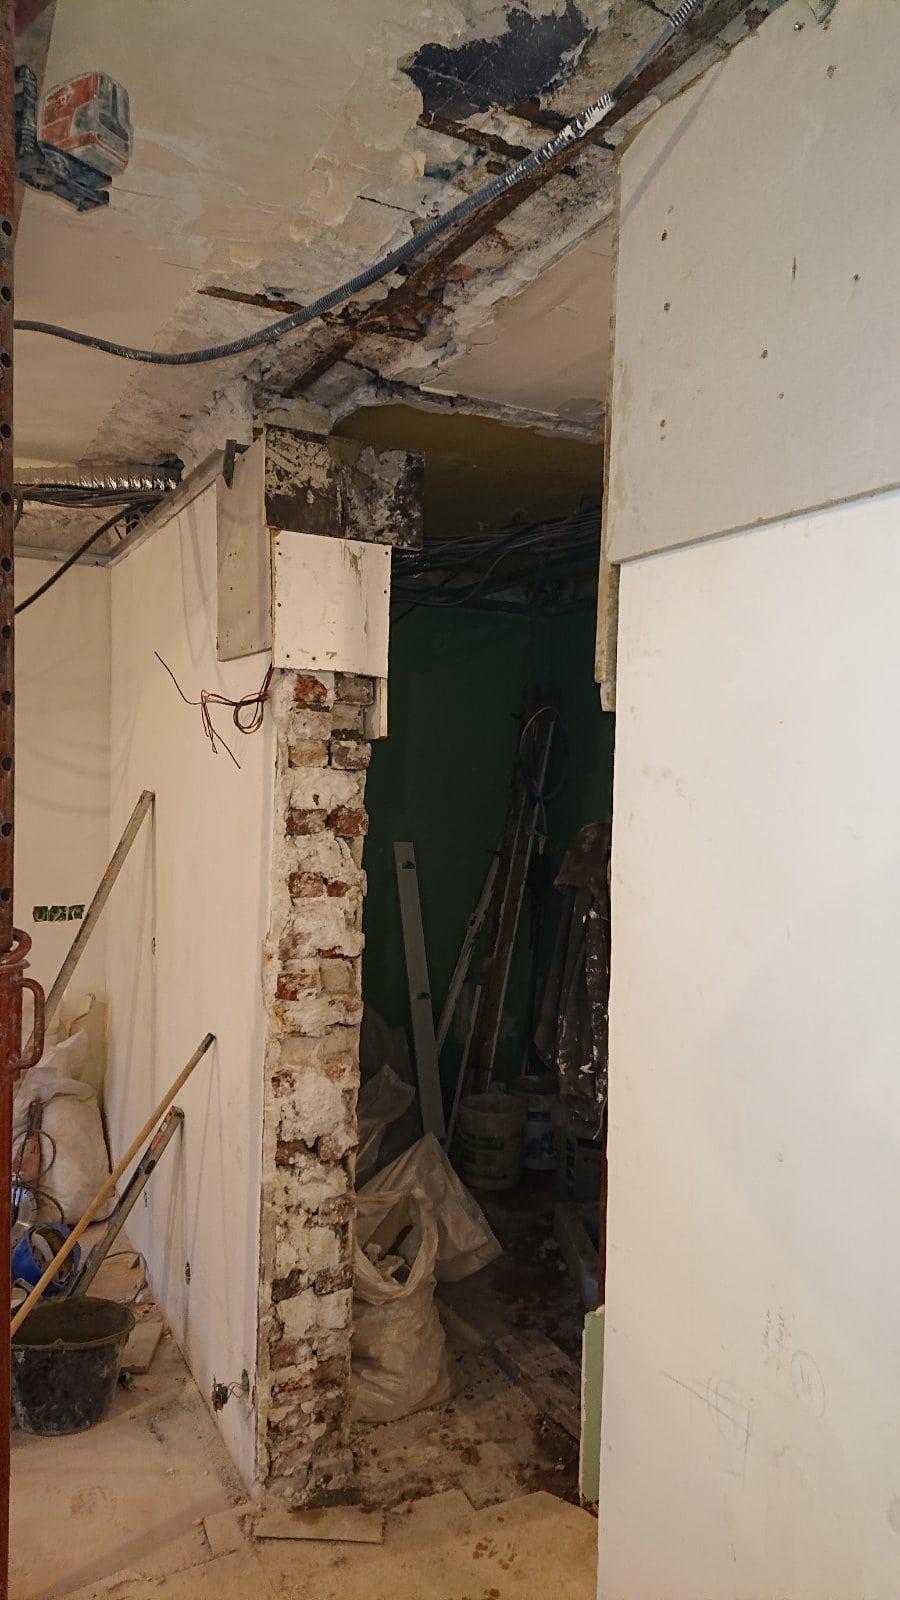 Démolition de mur porteur en briques rouges à Versailles. Renforcement par technique « poutrelle sur sommiers ». - Murs porteurs